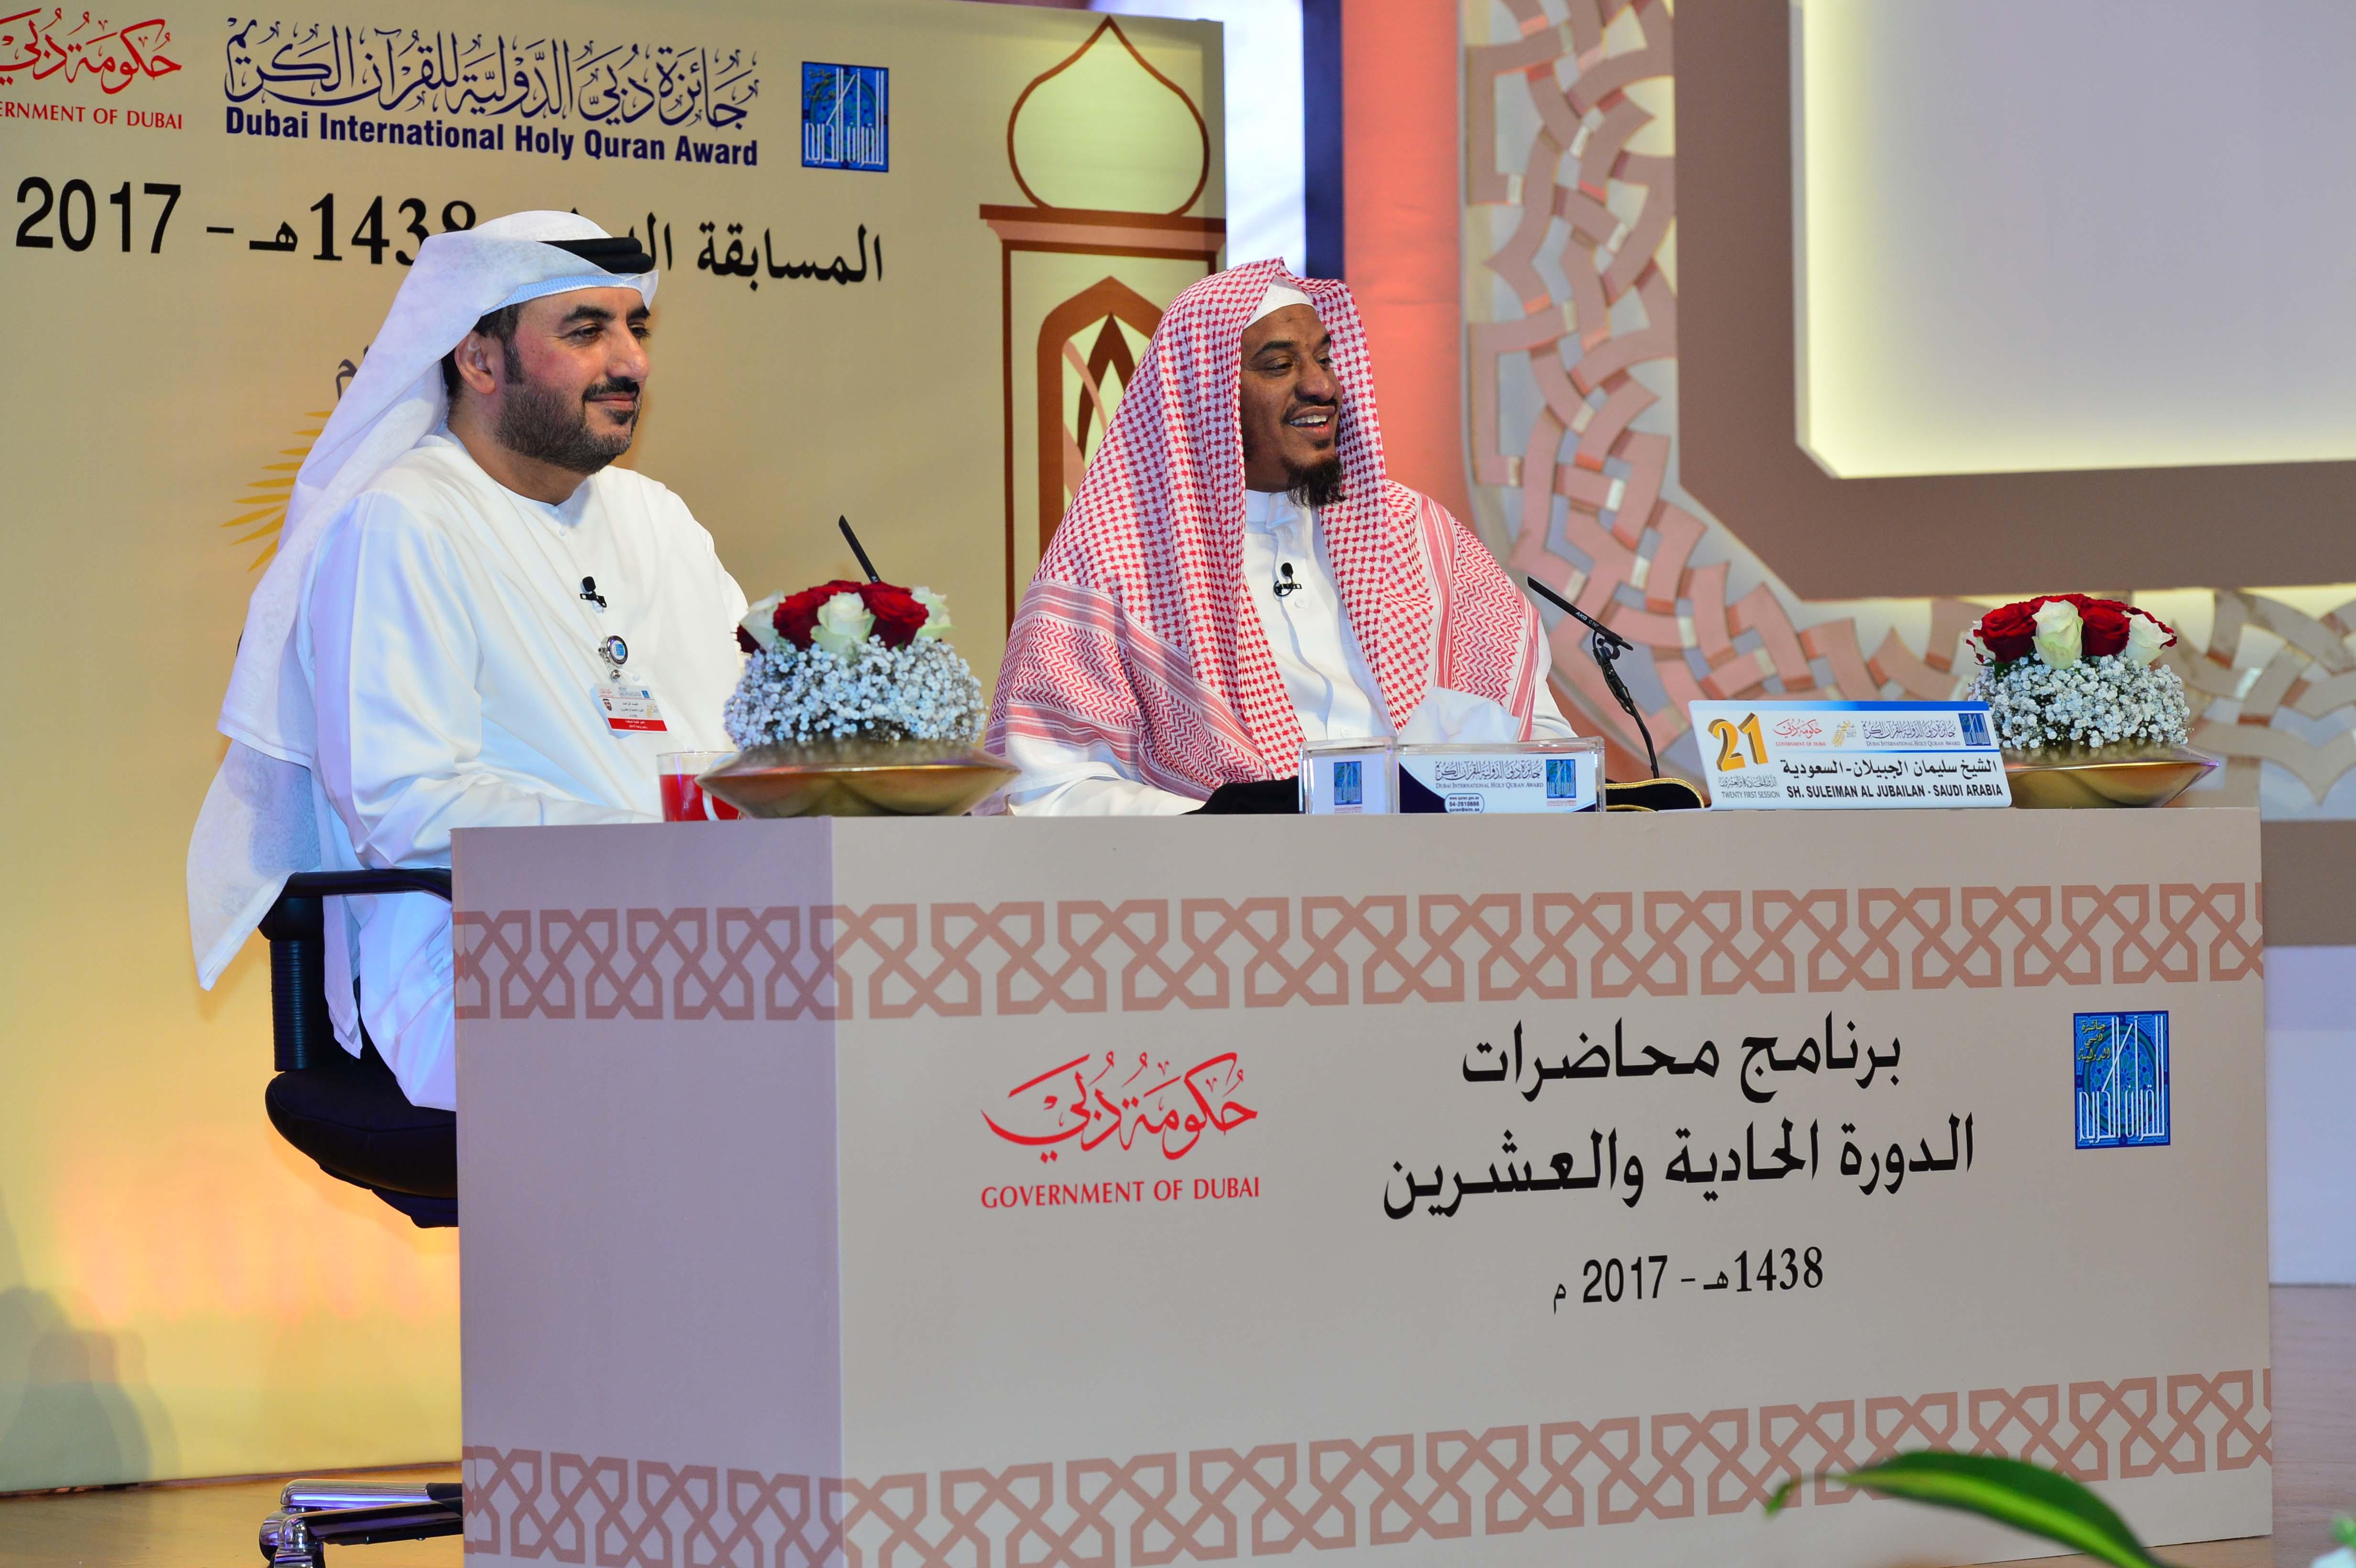 """الحياة أمانة"""" للشيخ سليمان الجبيلان في فعاليات جائزة دبي الدولية للقرآن في الدورة 21"""